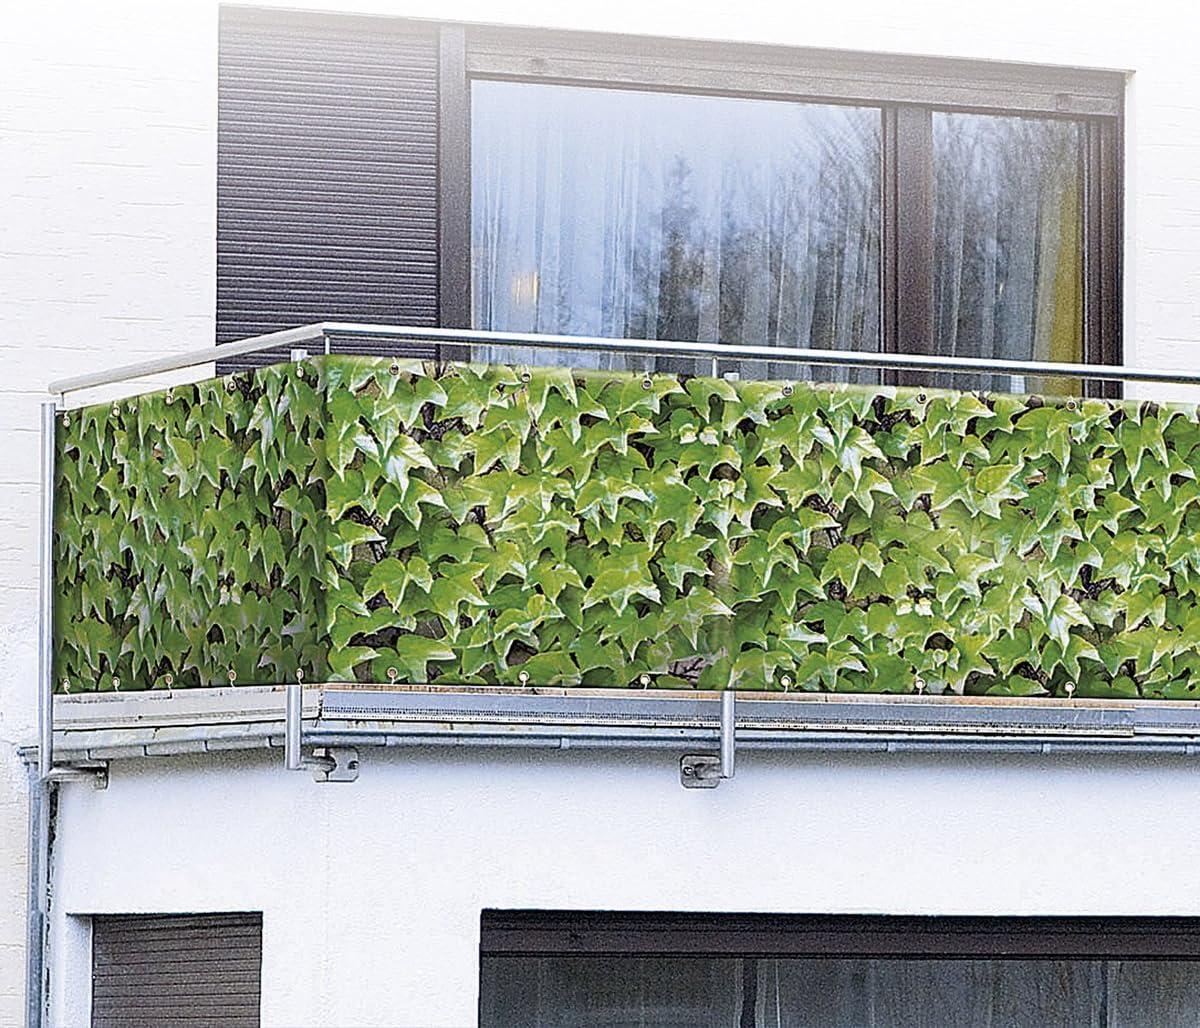 Wilder Wein 5 m Sichtschutz Windschutz Balkonschutz Balkonsichtschutz WENKO